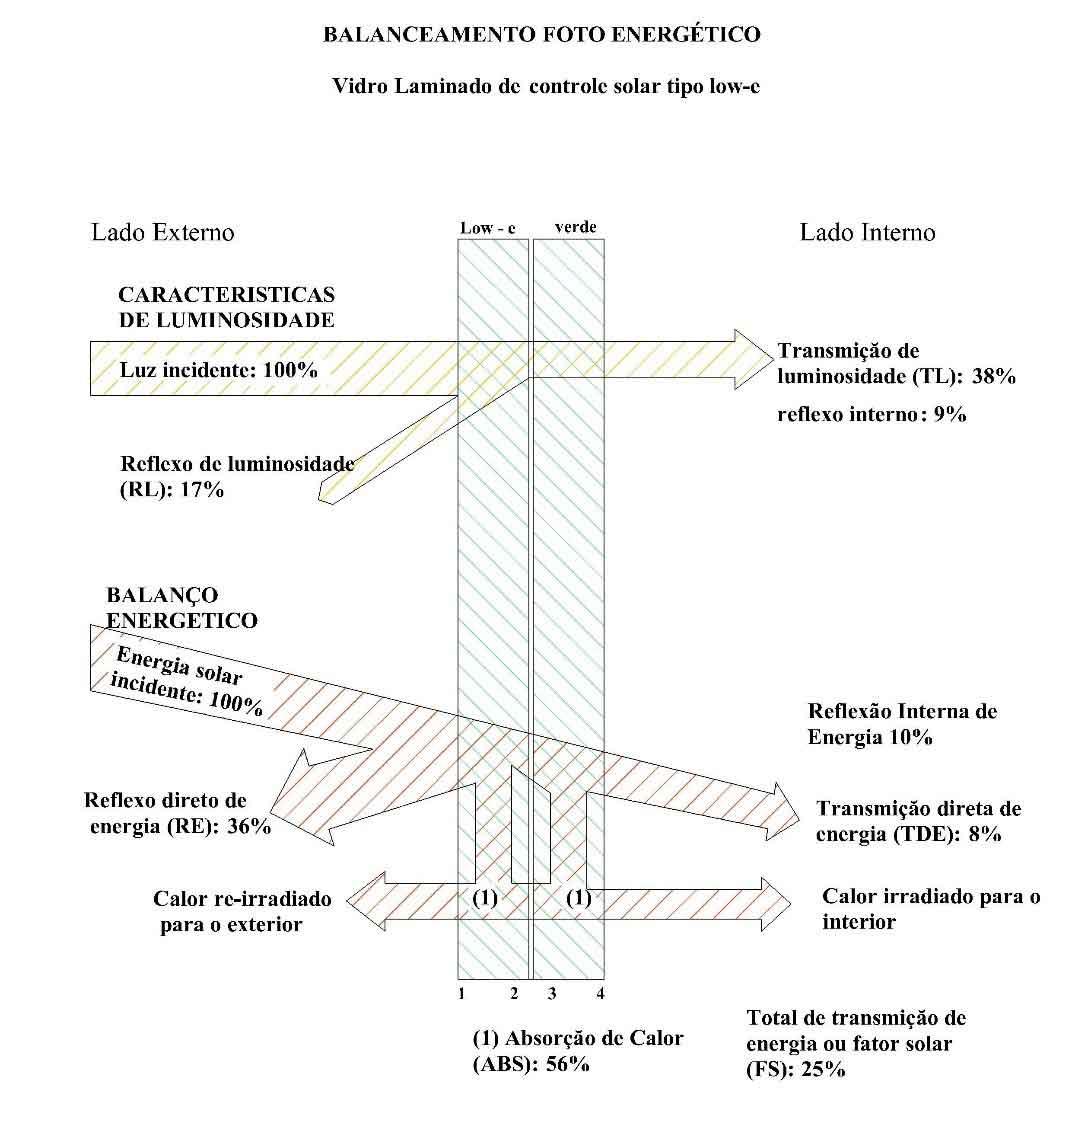 Ilustração do stress térmico no vidro laminado